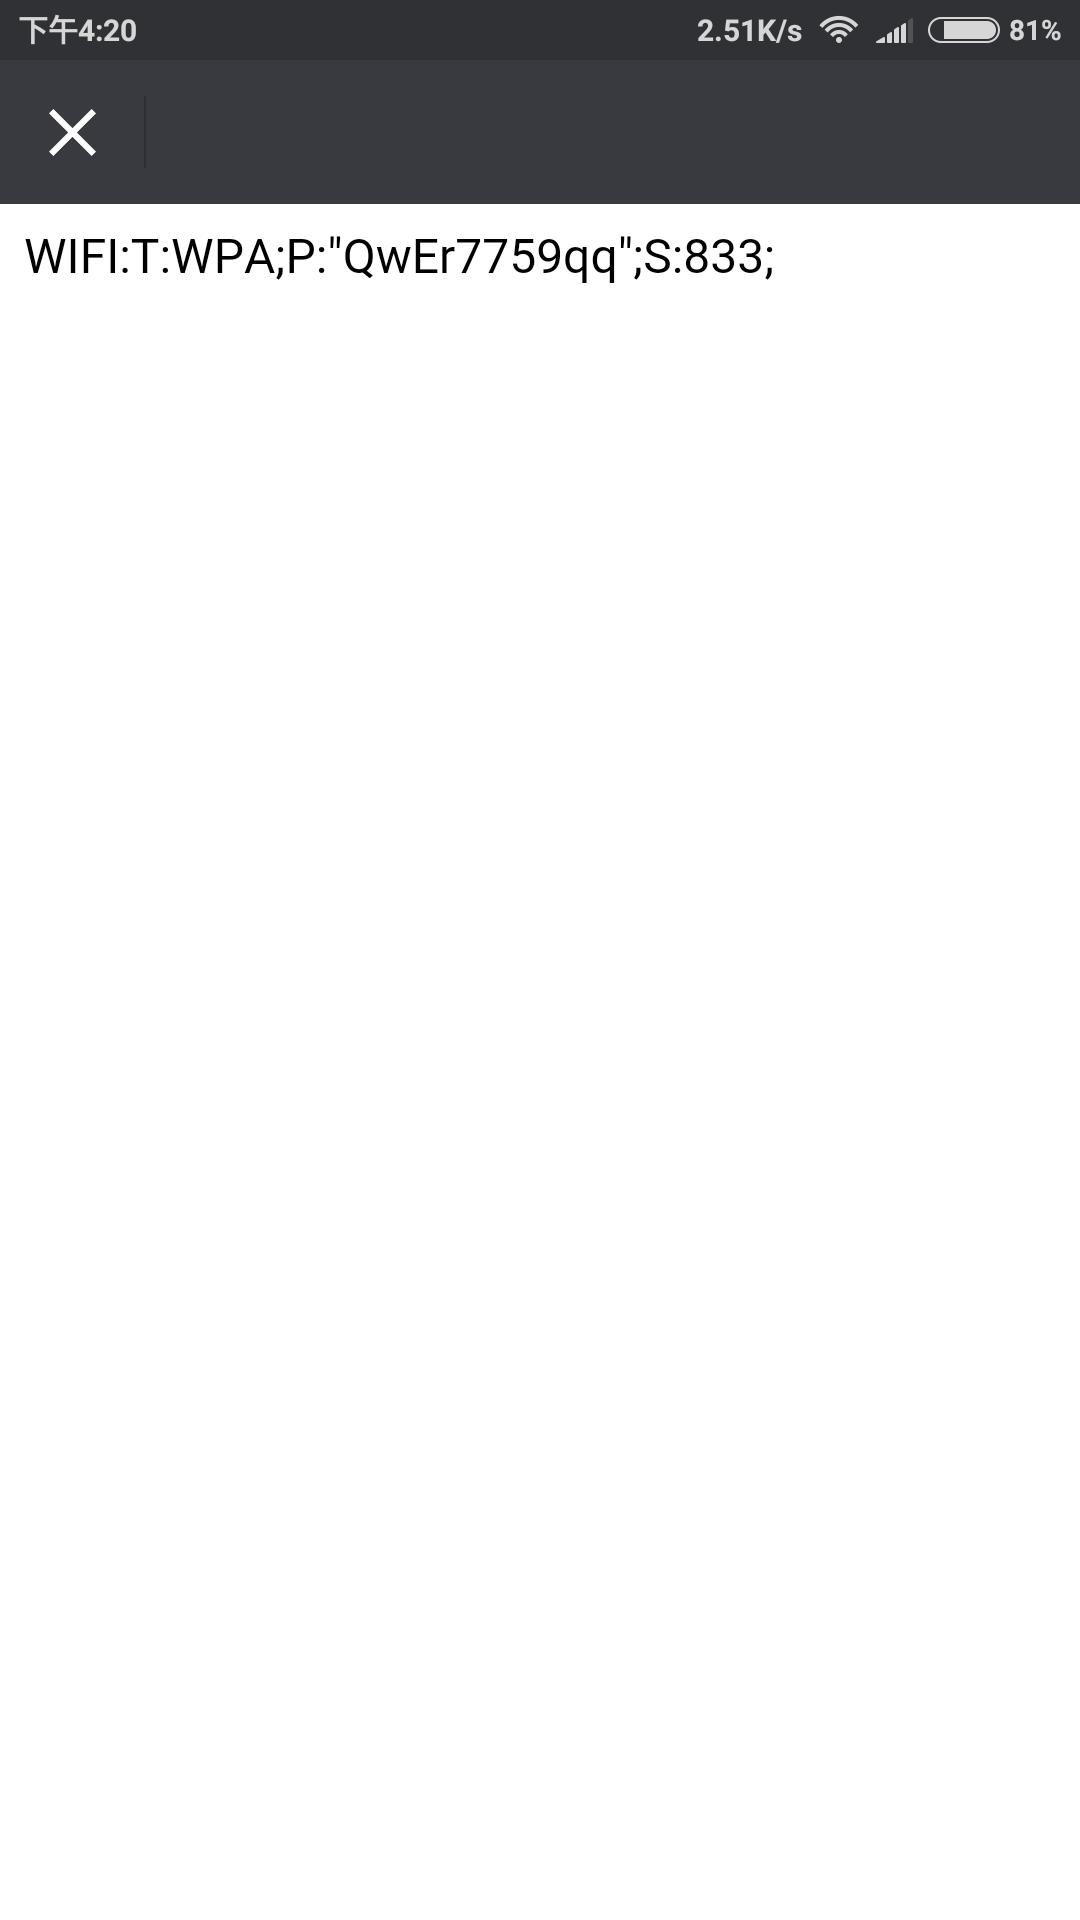 Screenshot_2016-10-22-16-20-04-207_com.tencent.mm.png